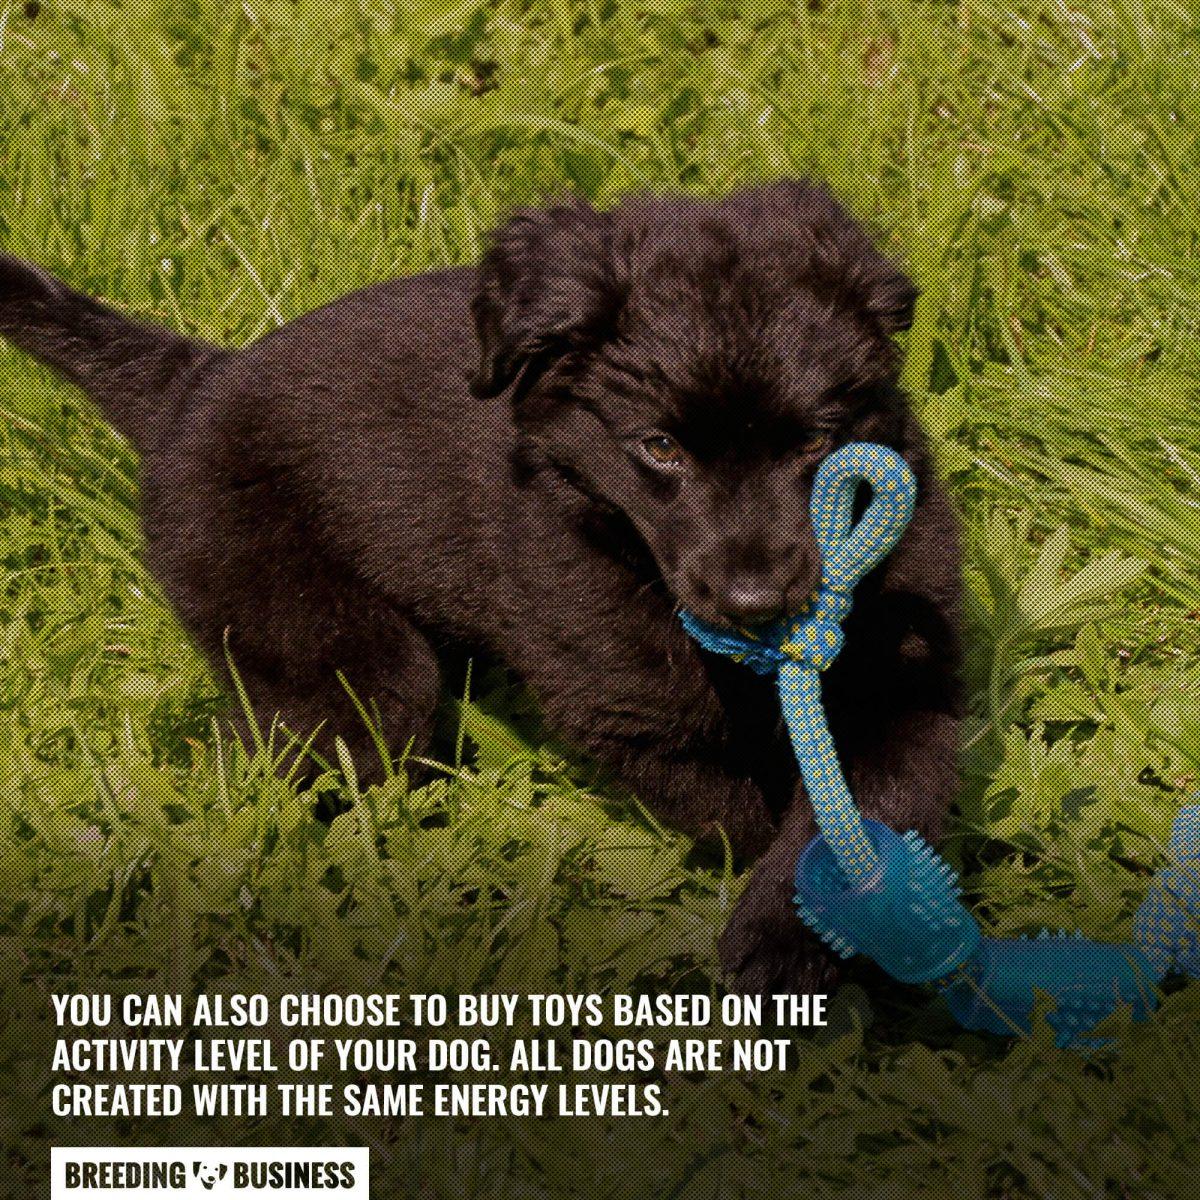 summer dog toy based on activity level